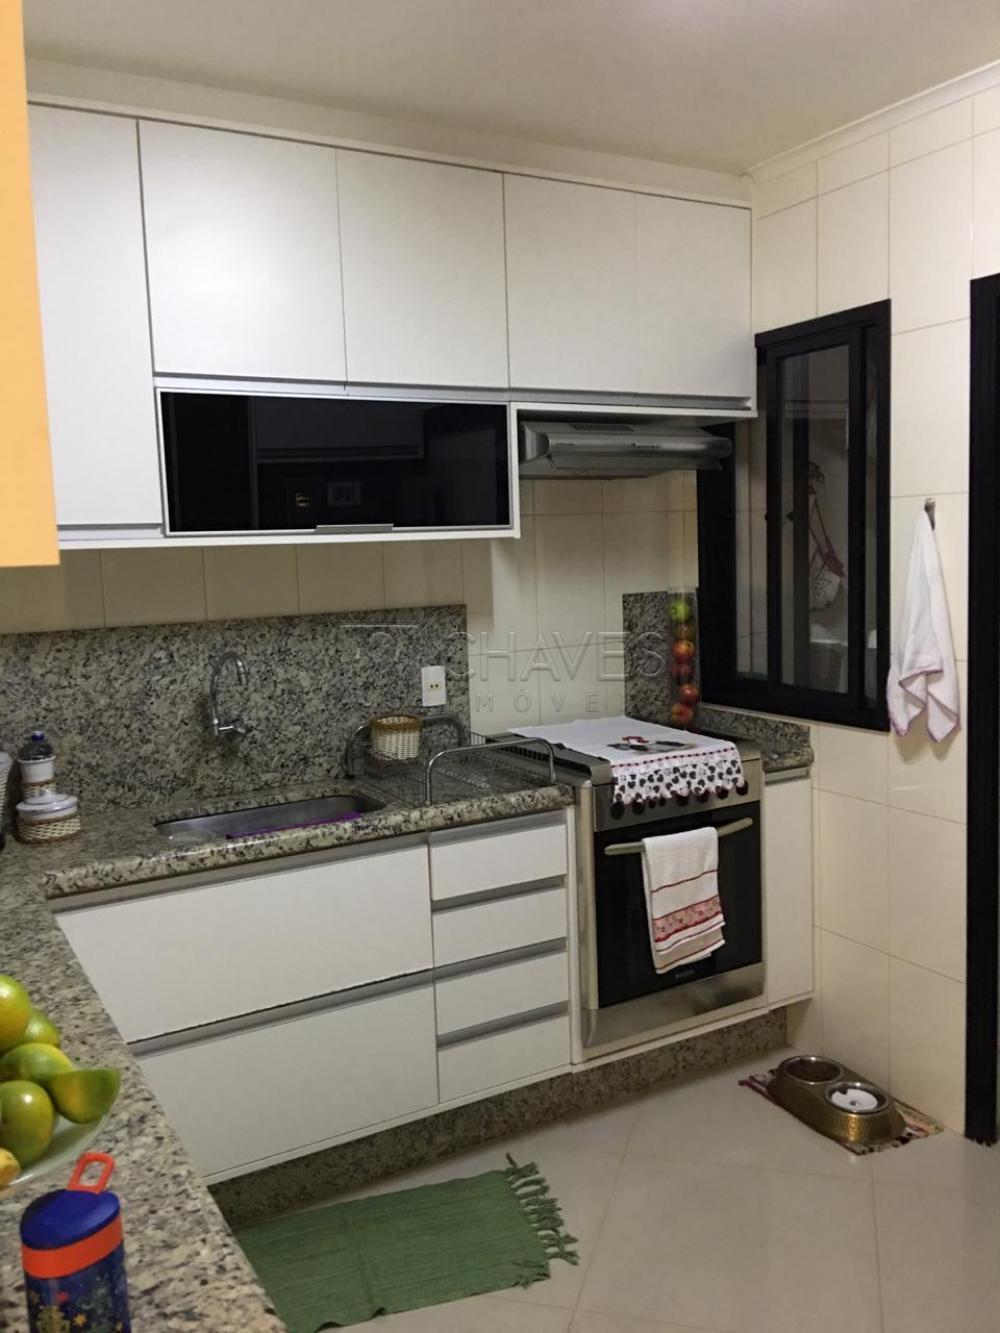 Comprar Apartamento / Padrão em Ribeirão Preto apenas R$ 440.000,00 - Foto 5